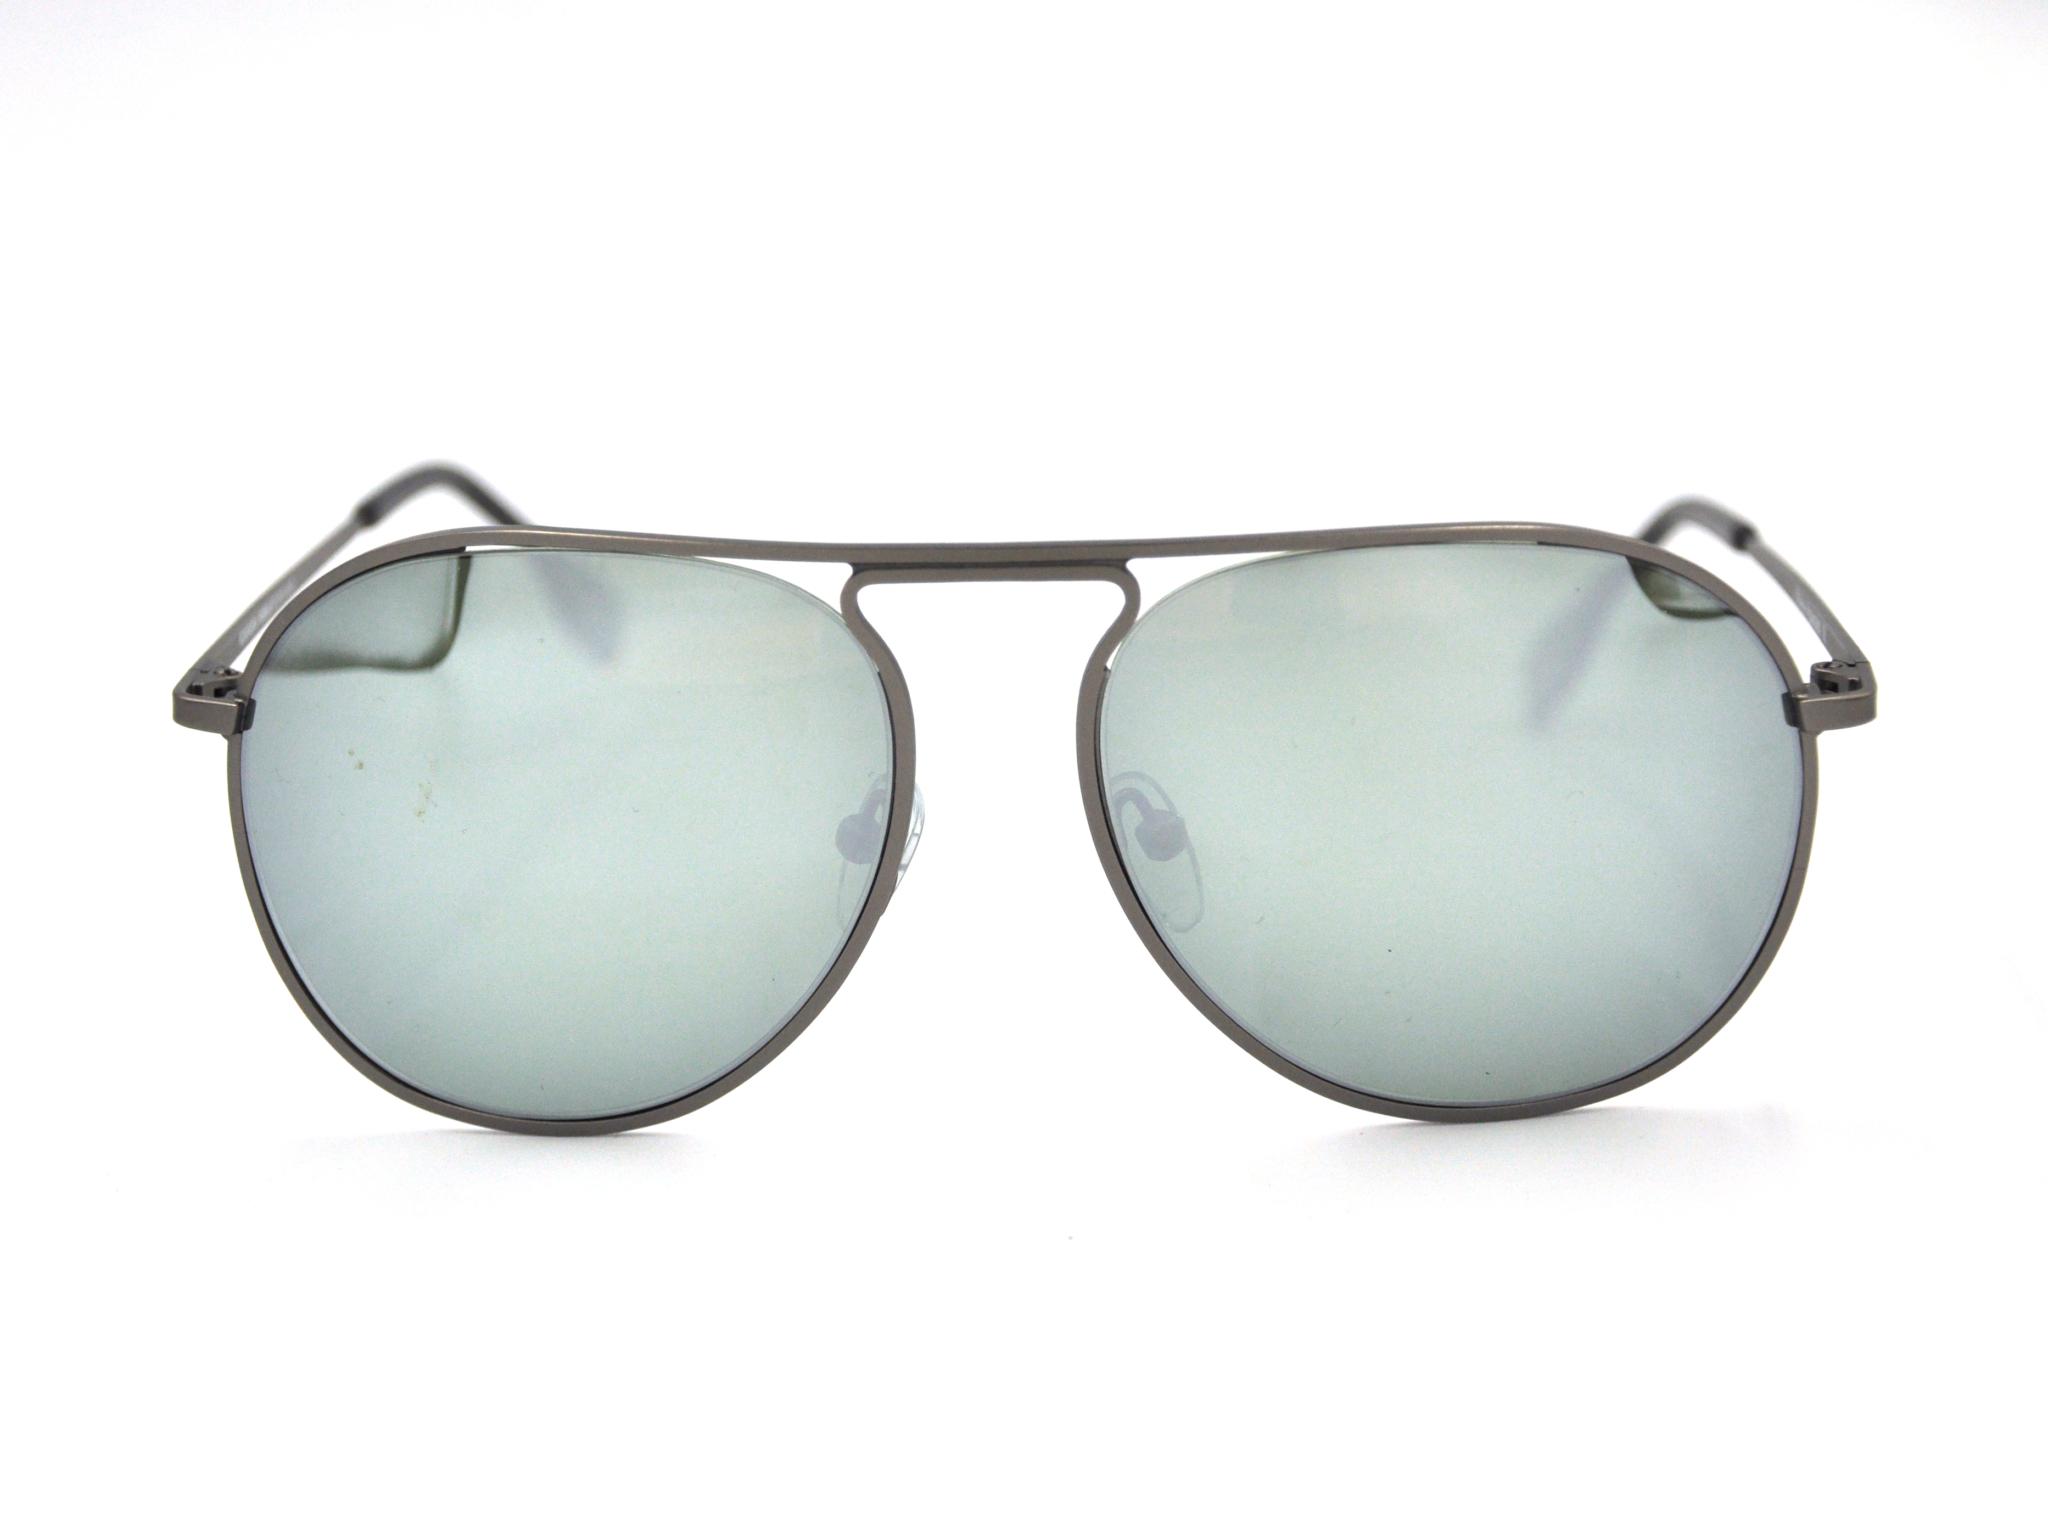 Γυαλιά ηλίου Ridley RD6365M RM06 ΑΝΤΡΙΚΑ ΓΥΑΛΙΑ ΗΛΙΟΥ 2020